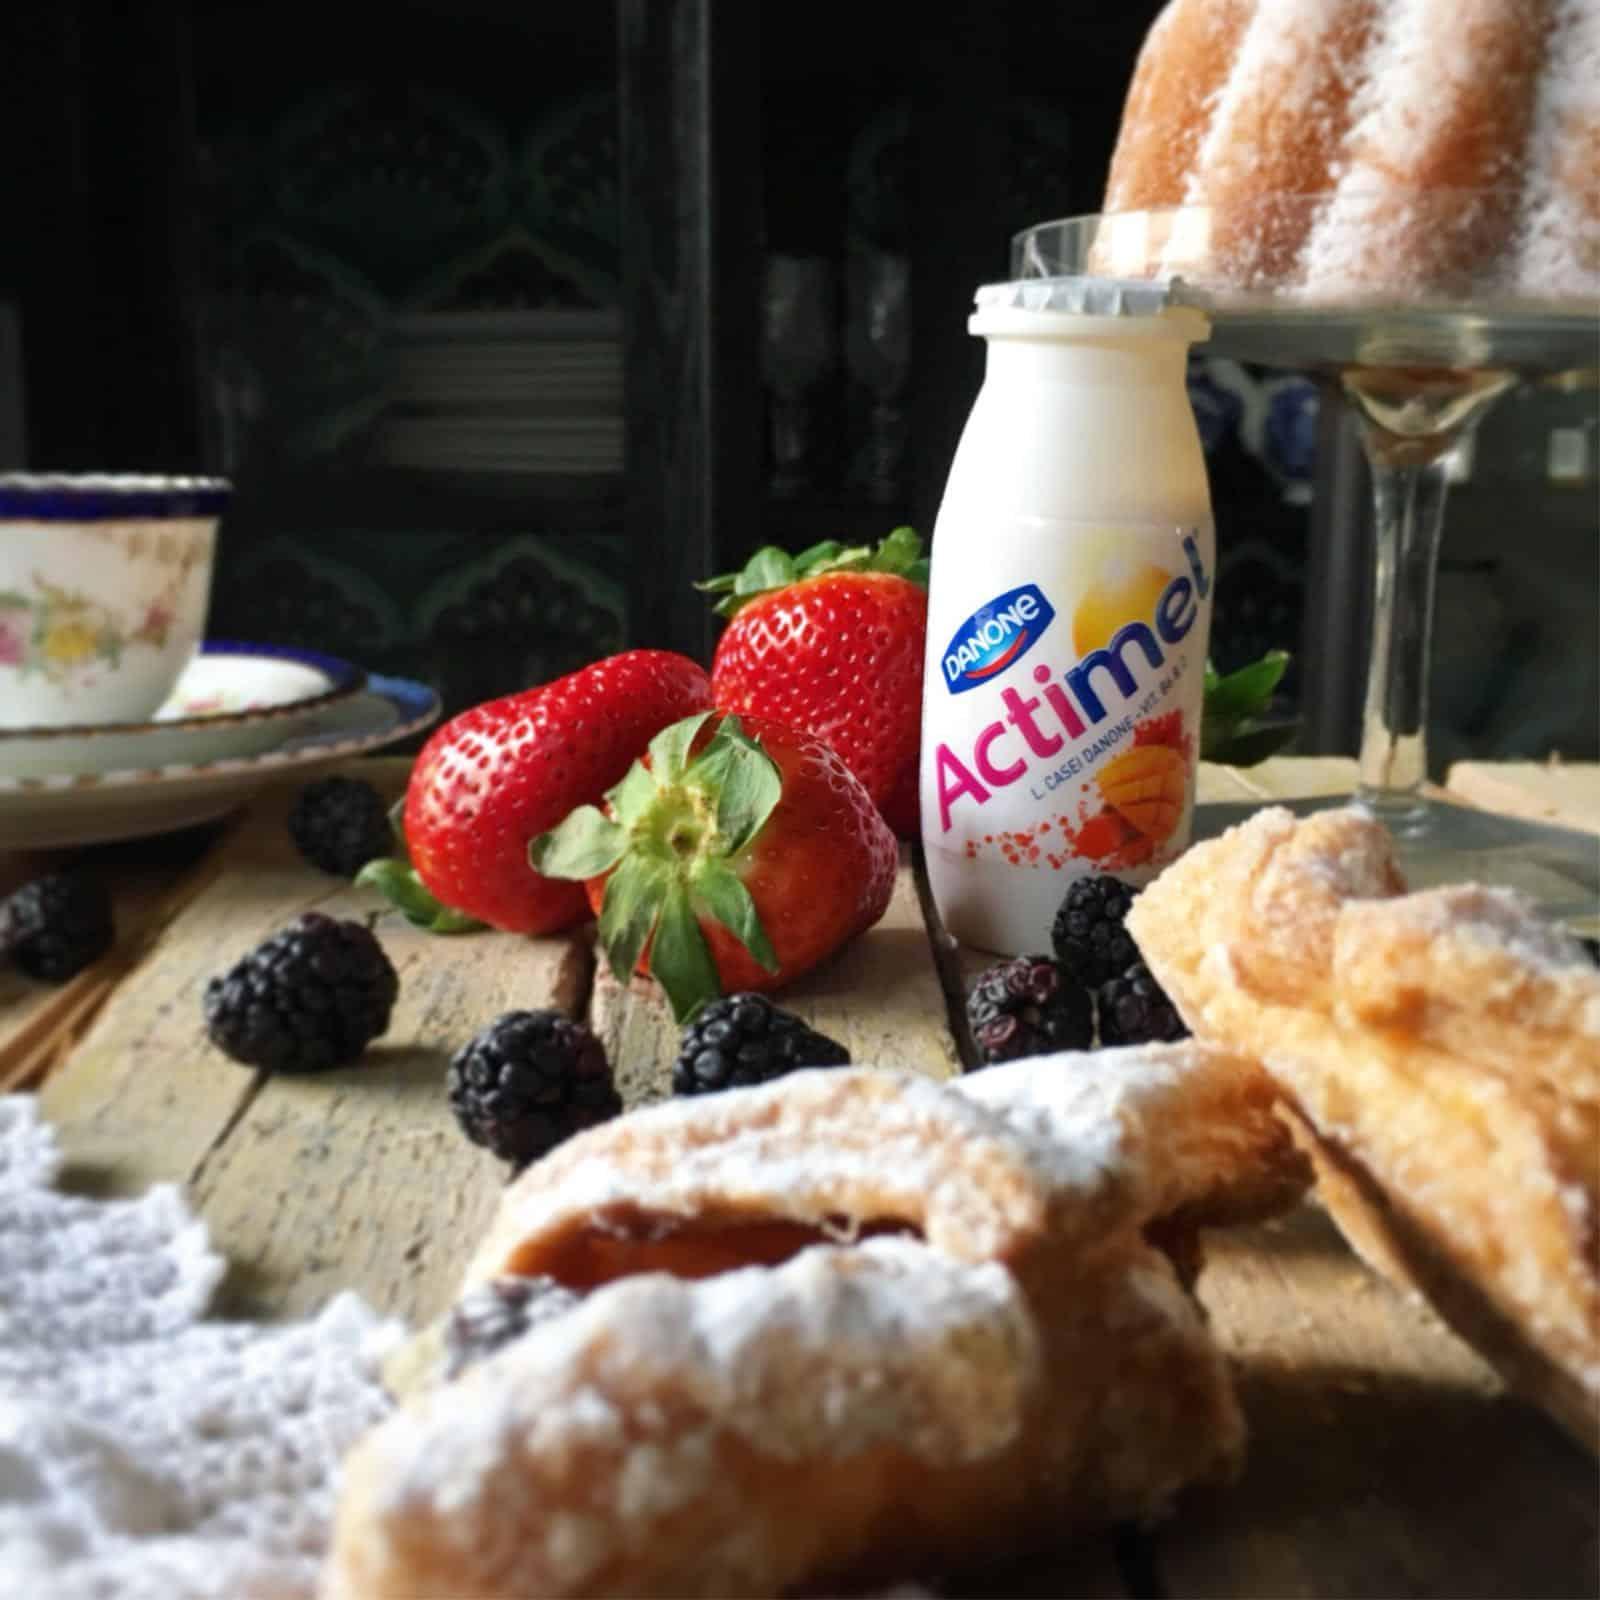 colazione sana ed equilibrata